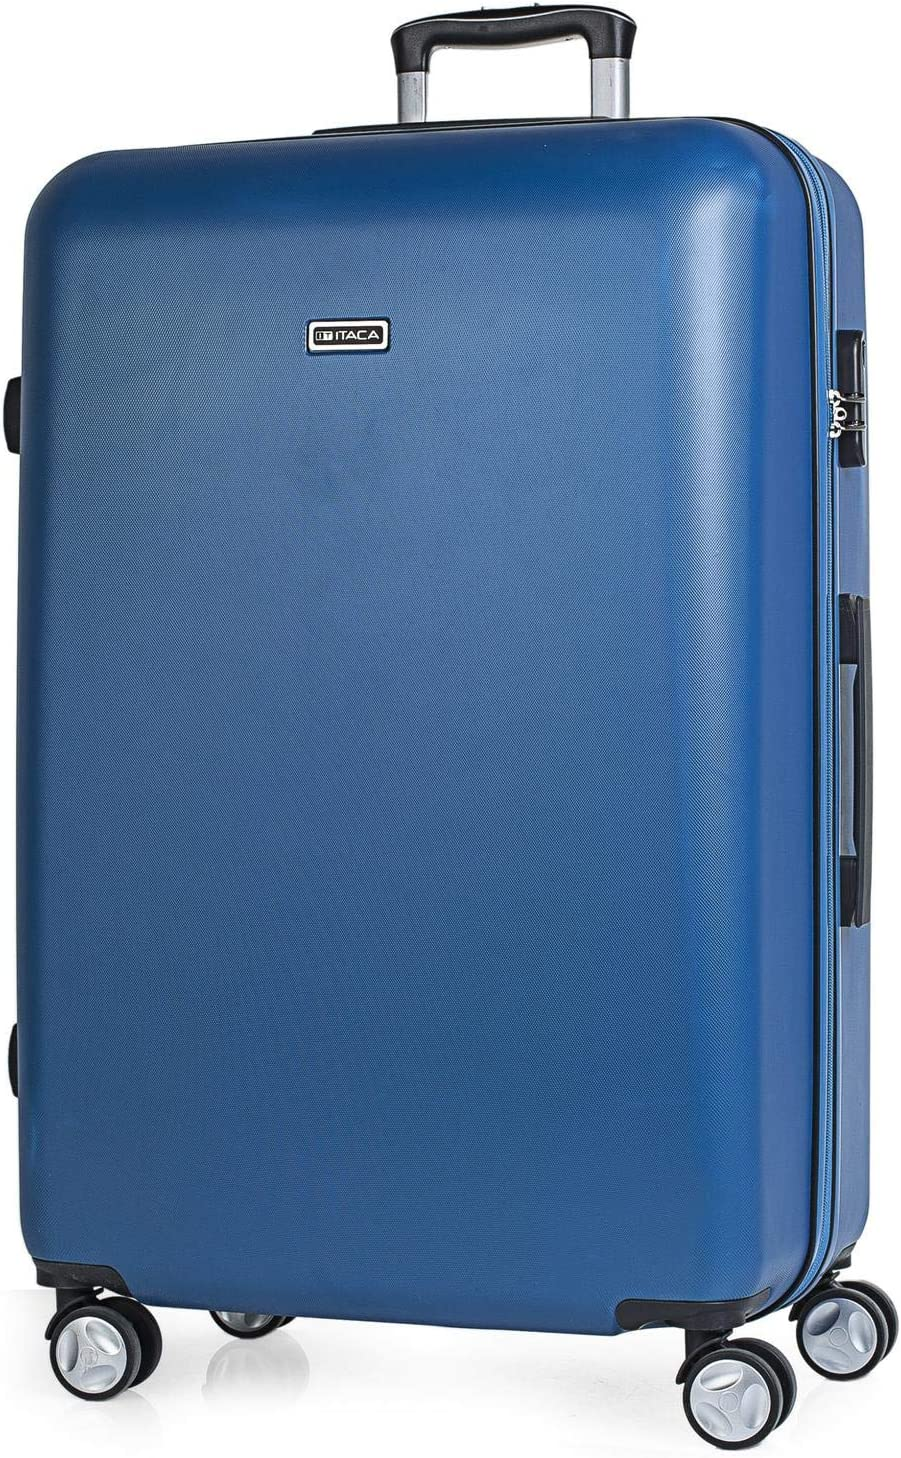 Manche t/élescopique ITACA 4 Roues Doubles T58070 Robuste et l/ég/ère Rigide Color Argent/é Extensible 2 anses r/étractables r/ésistante Grande Valise XL Trolley 70 cm en ABS Grande capacit/é